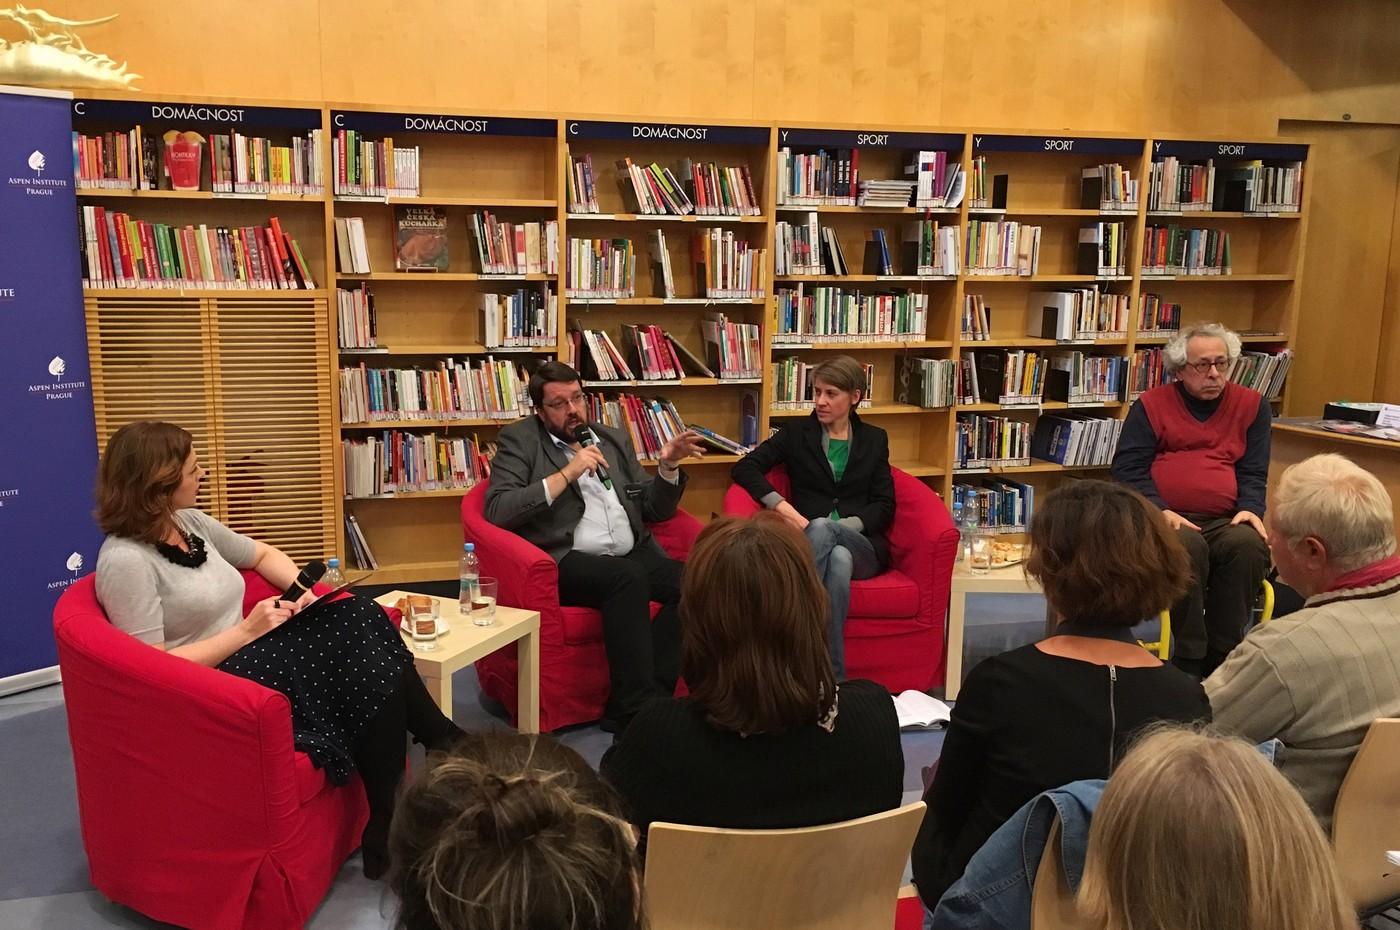 Hosté diskusního panelu, zleva: Silvie Lauder, Tomáš Řehák, Olga Škochová a Andrew Lass